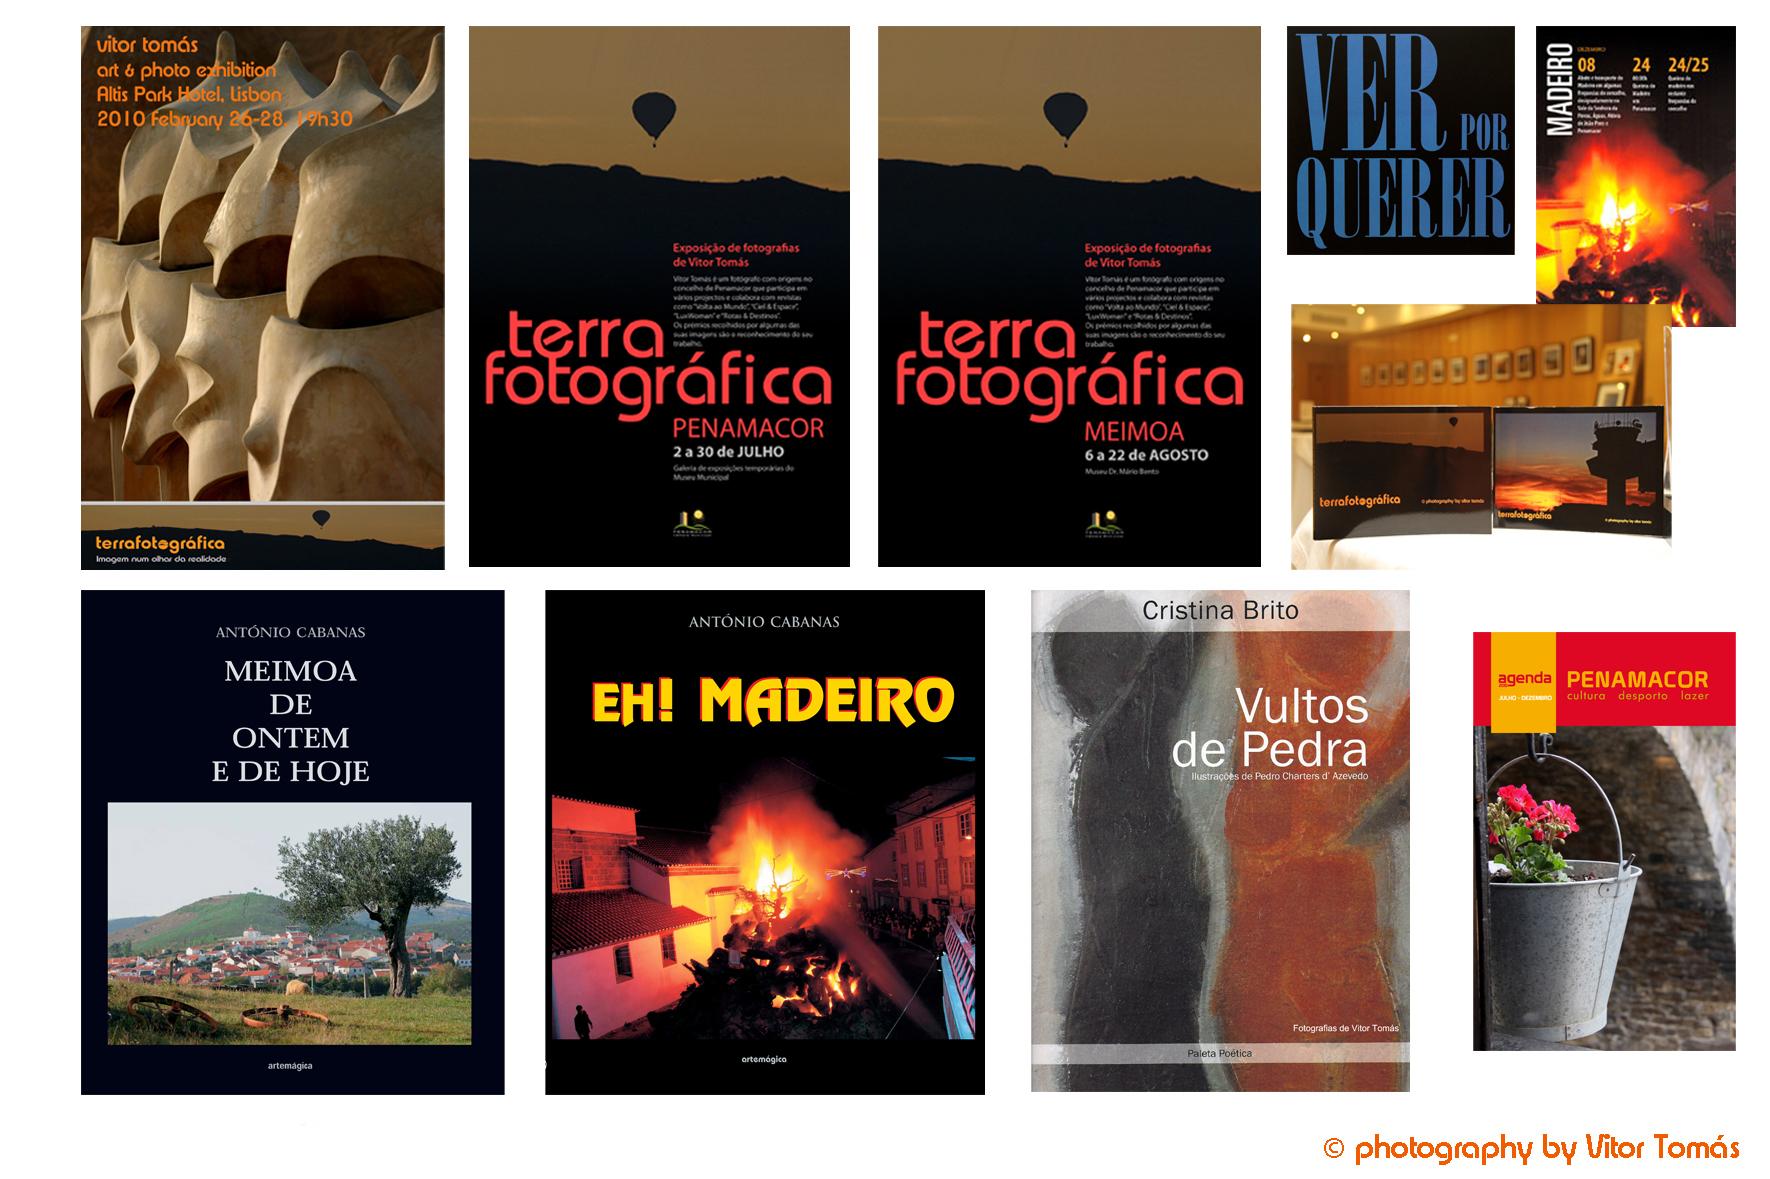 Pub exposições-livros